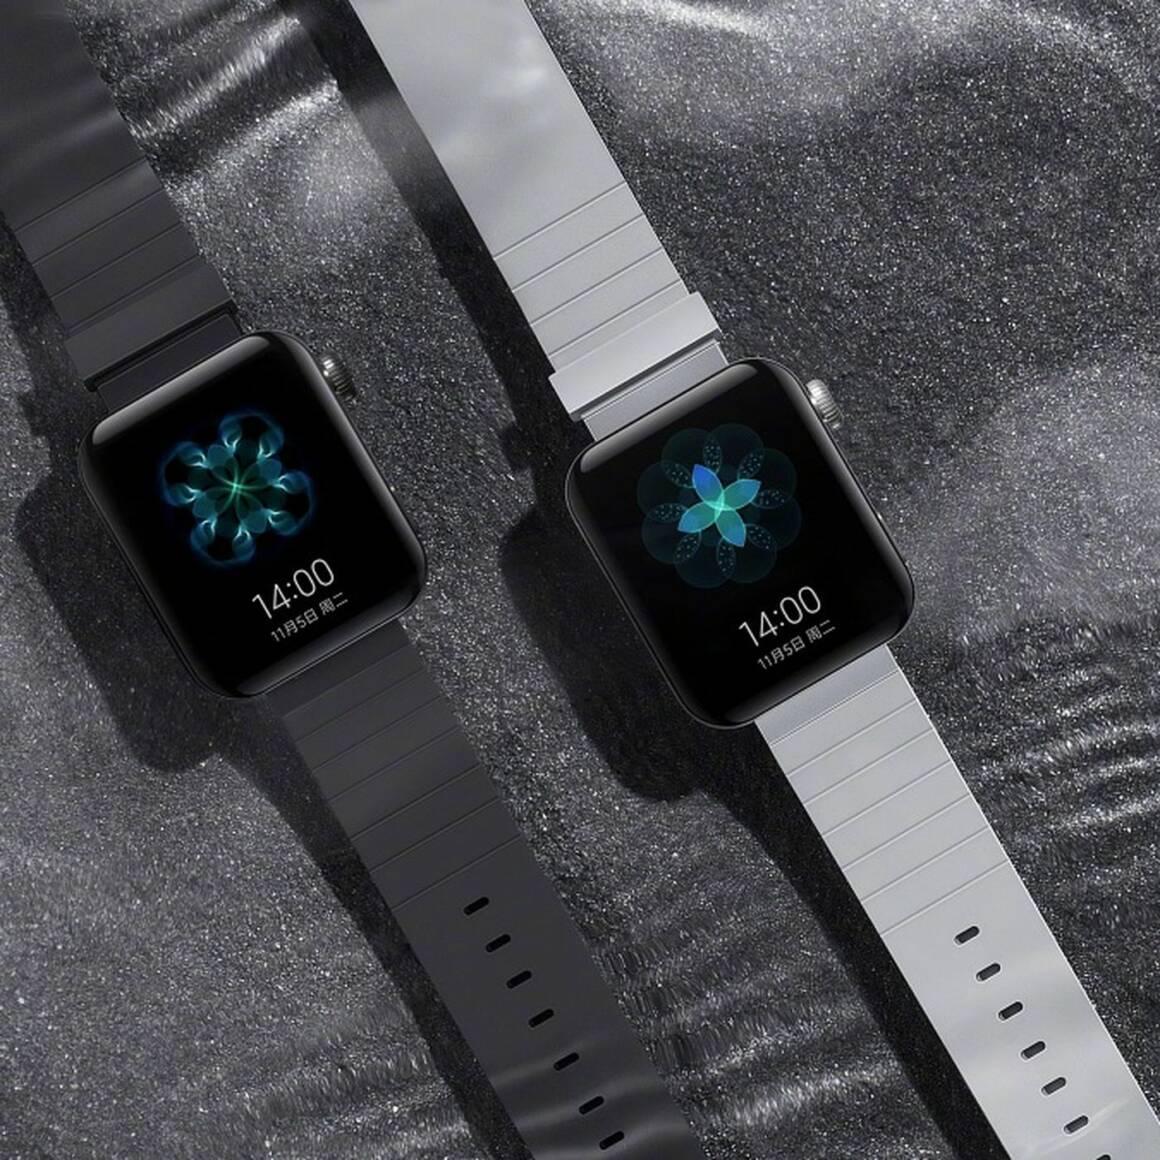 xiaomi lancia mi watch il clone copiato male da apple watch 1160x1160 - Xiaomi lancia Mi Watch il clone copiato (male) da Apple Watch?